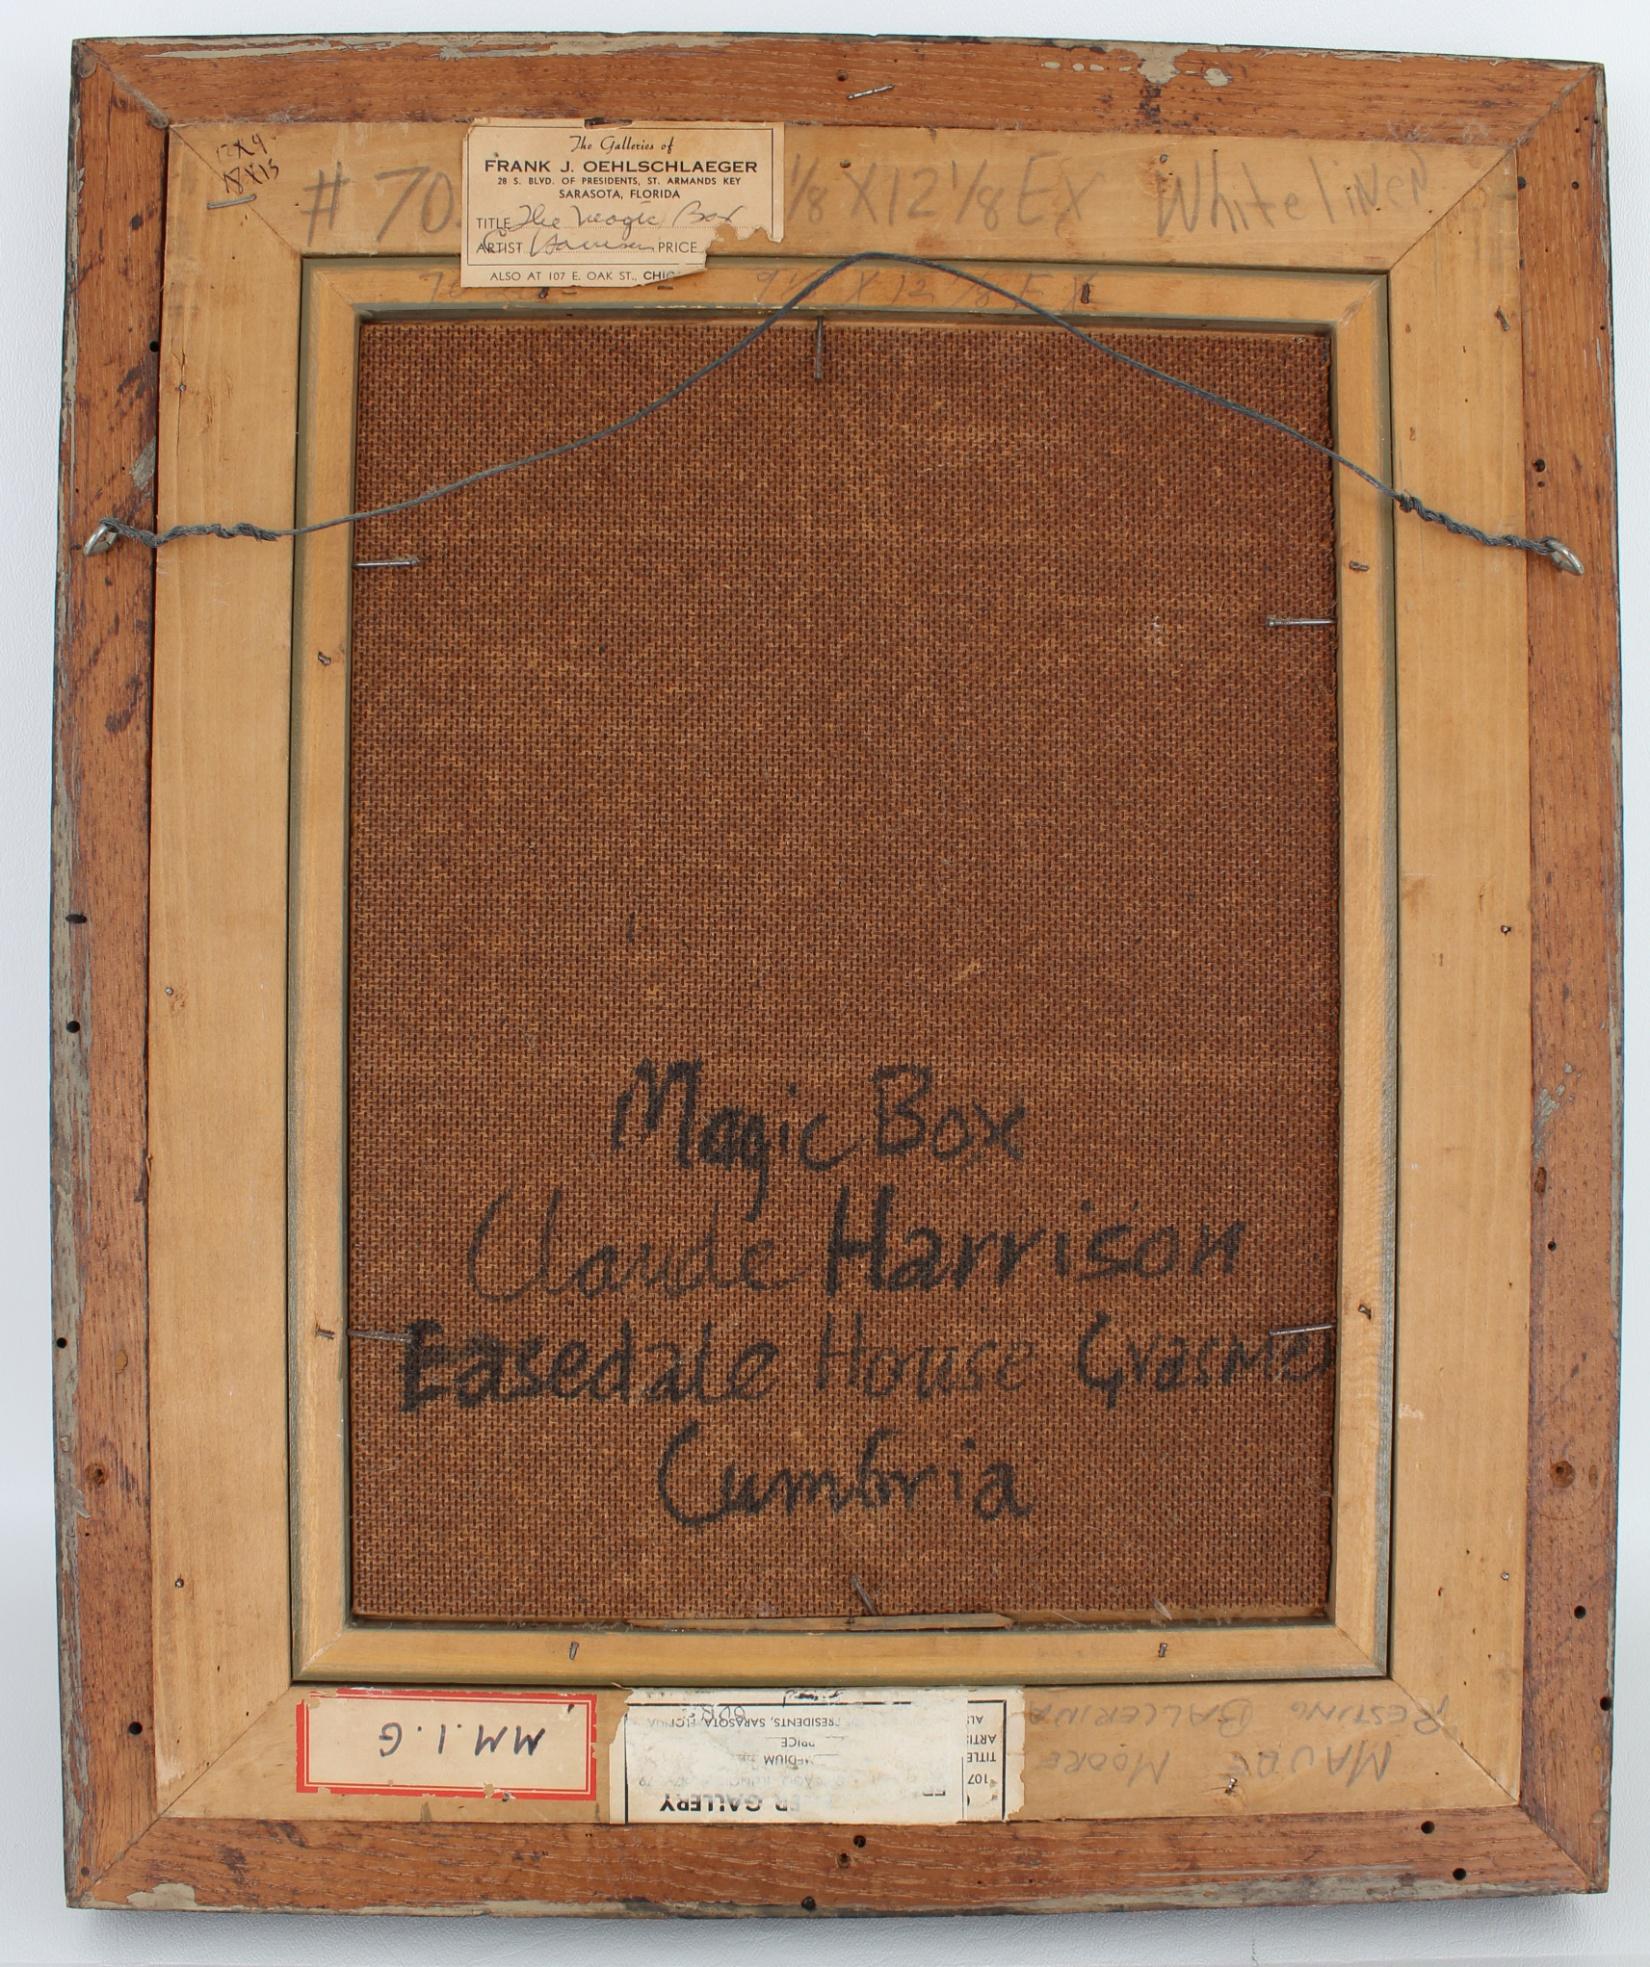 """Claude Harrison (UK, 1922 - 2009) """"Magic Box"""" - Image 4 of 5"""